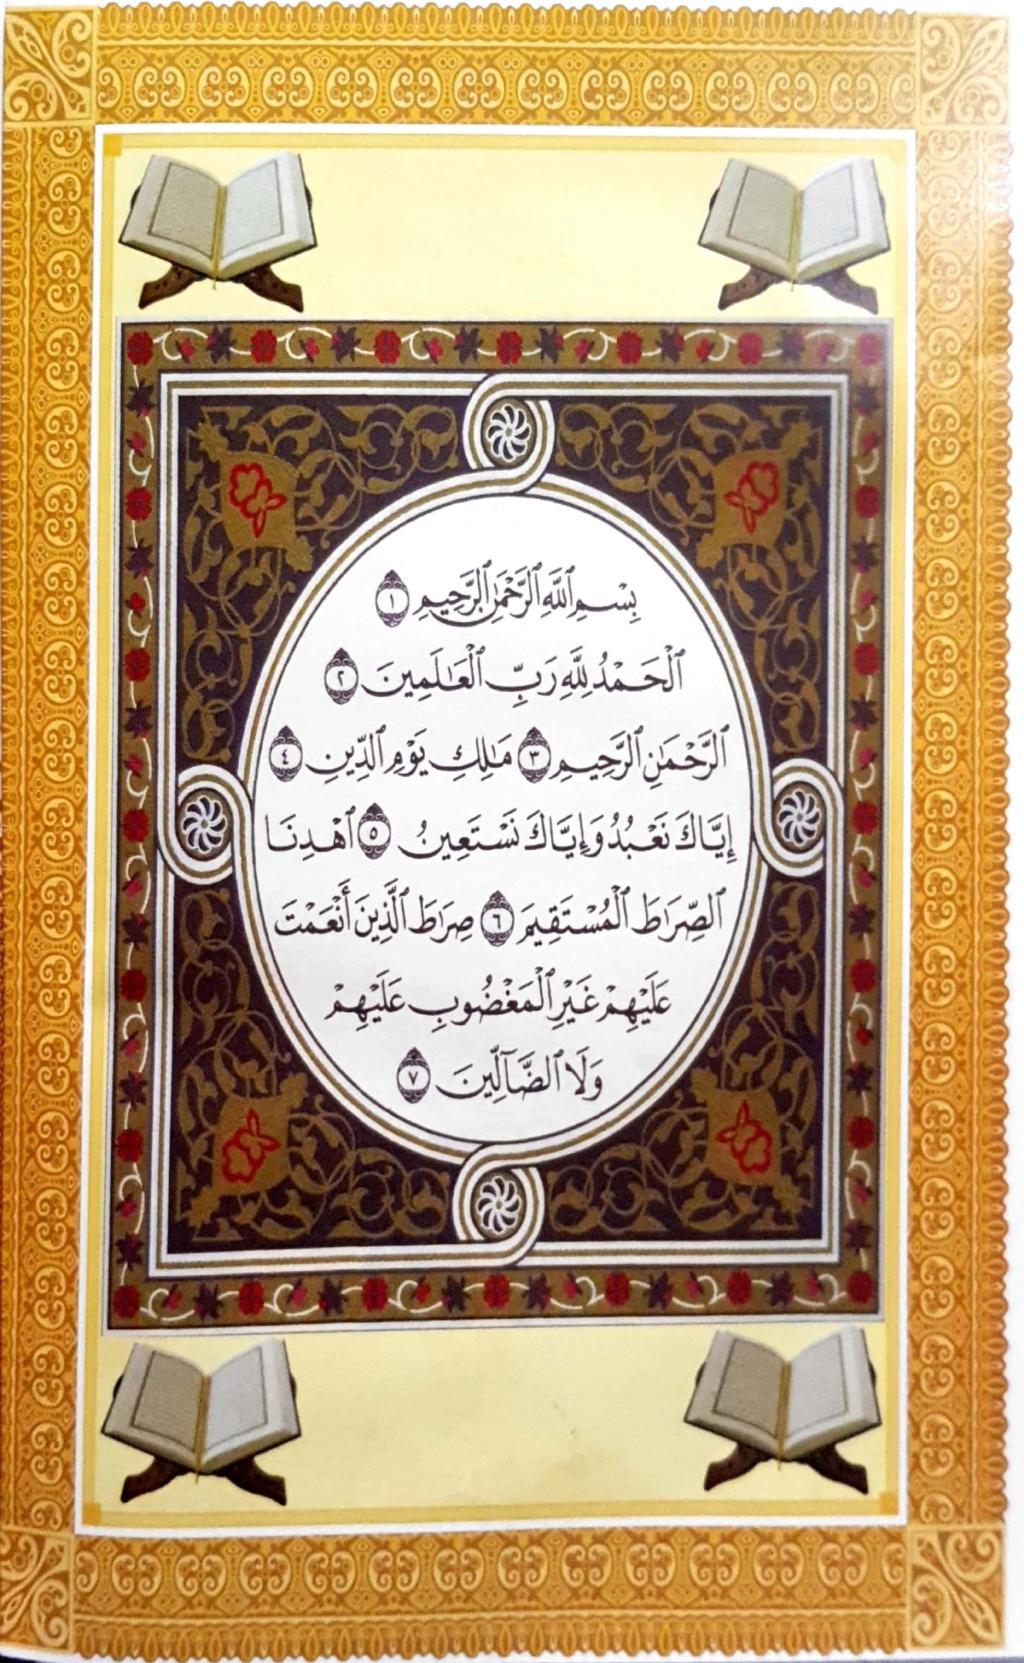 إجازة الشيخ أحمد محمد لبن بقراءة الإمام عاصم  Aeo_aa12